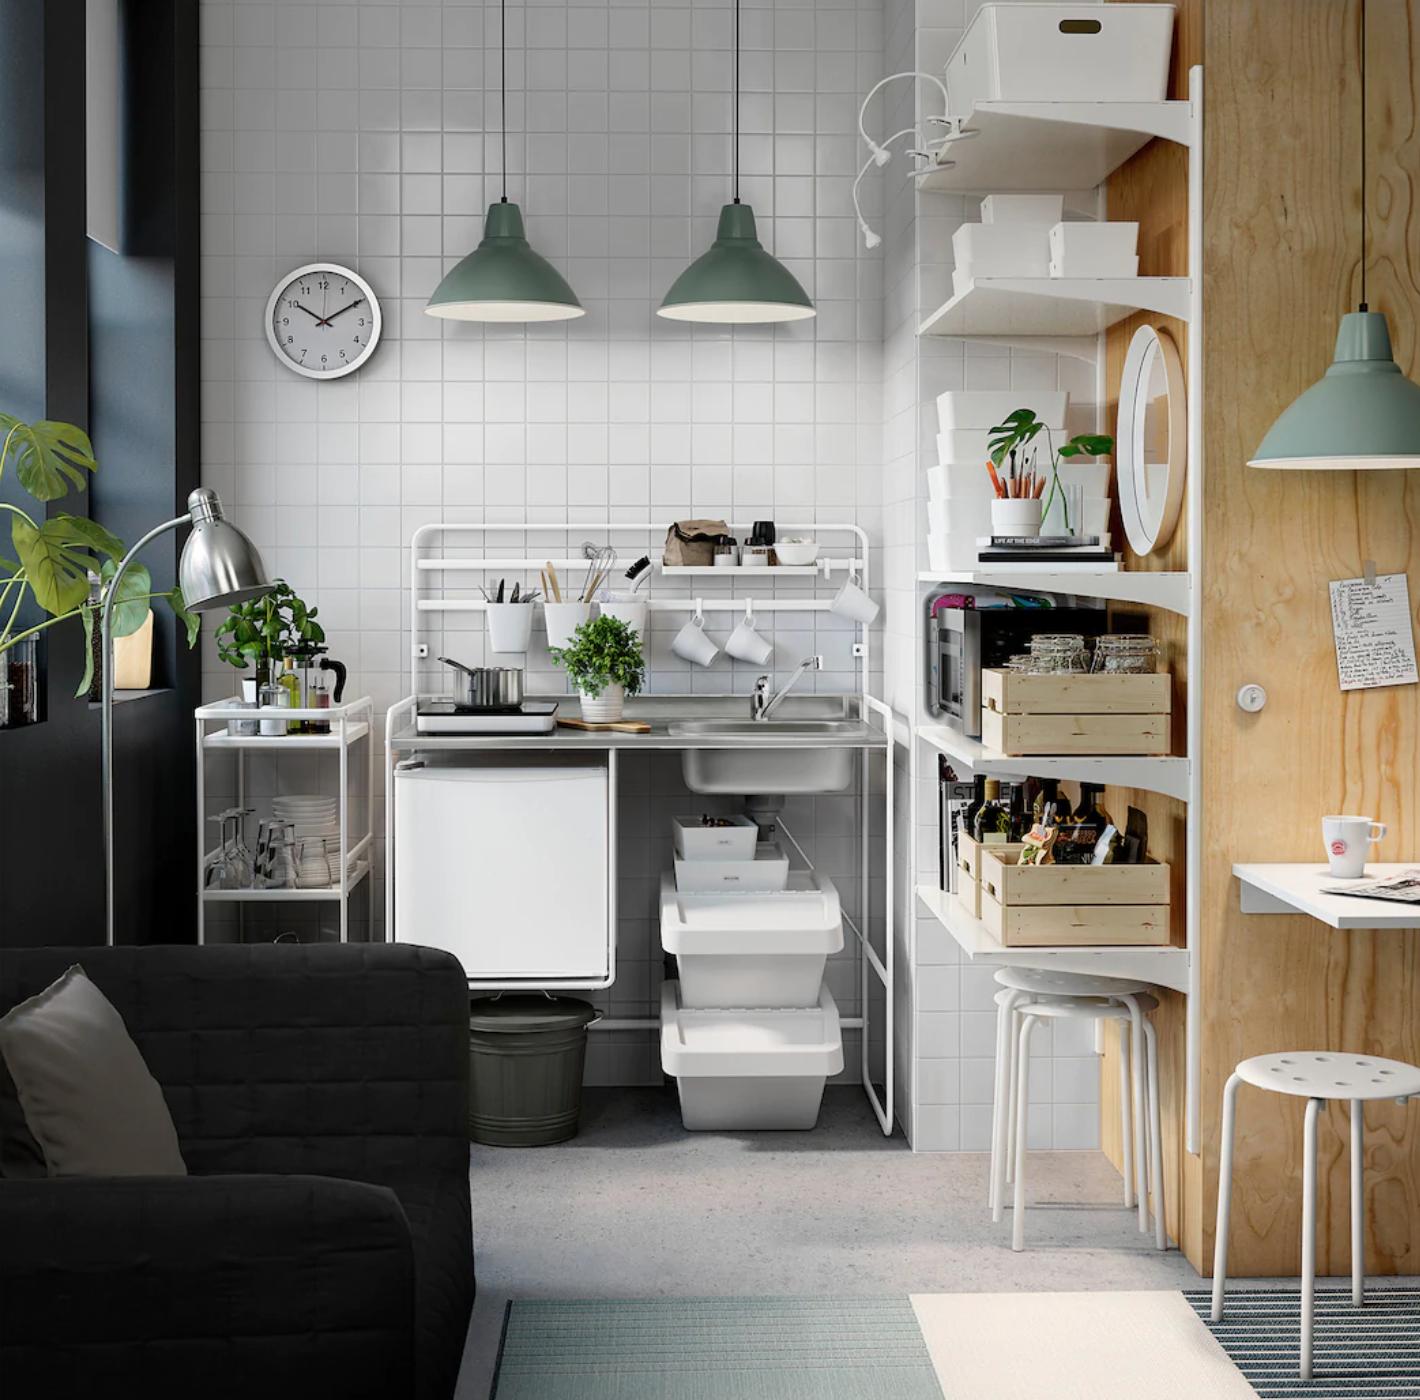 La Micro Cuisine D Ikea Sunnersta Idees Deco